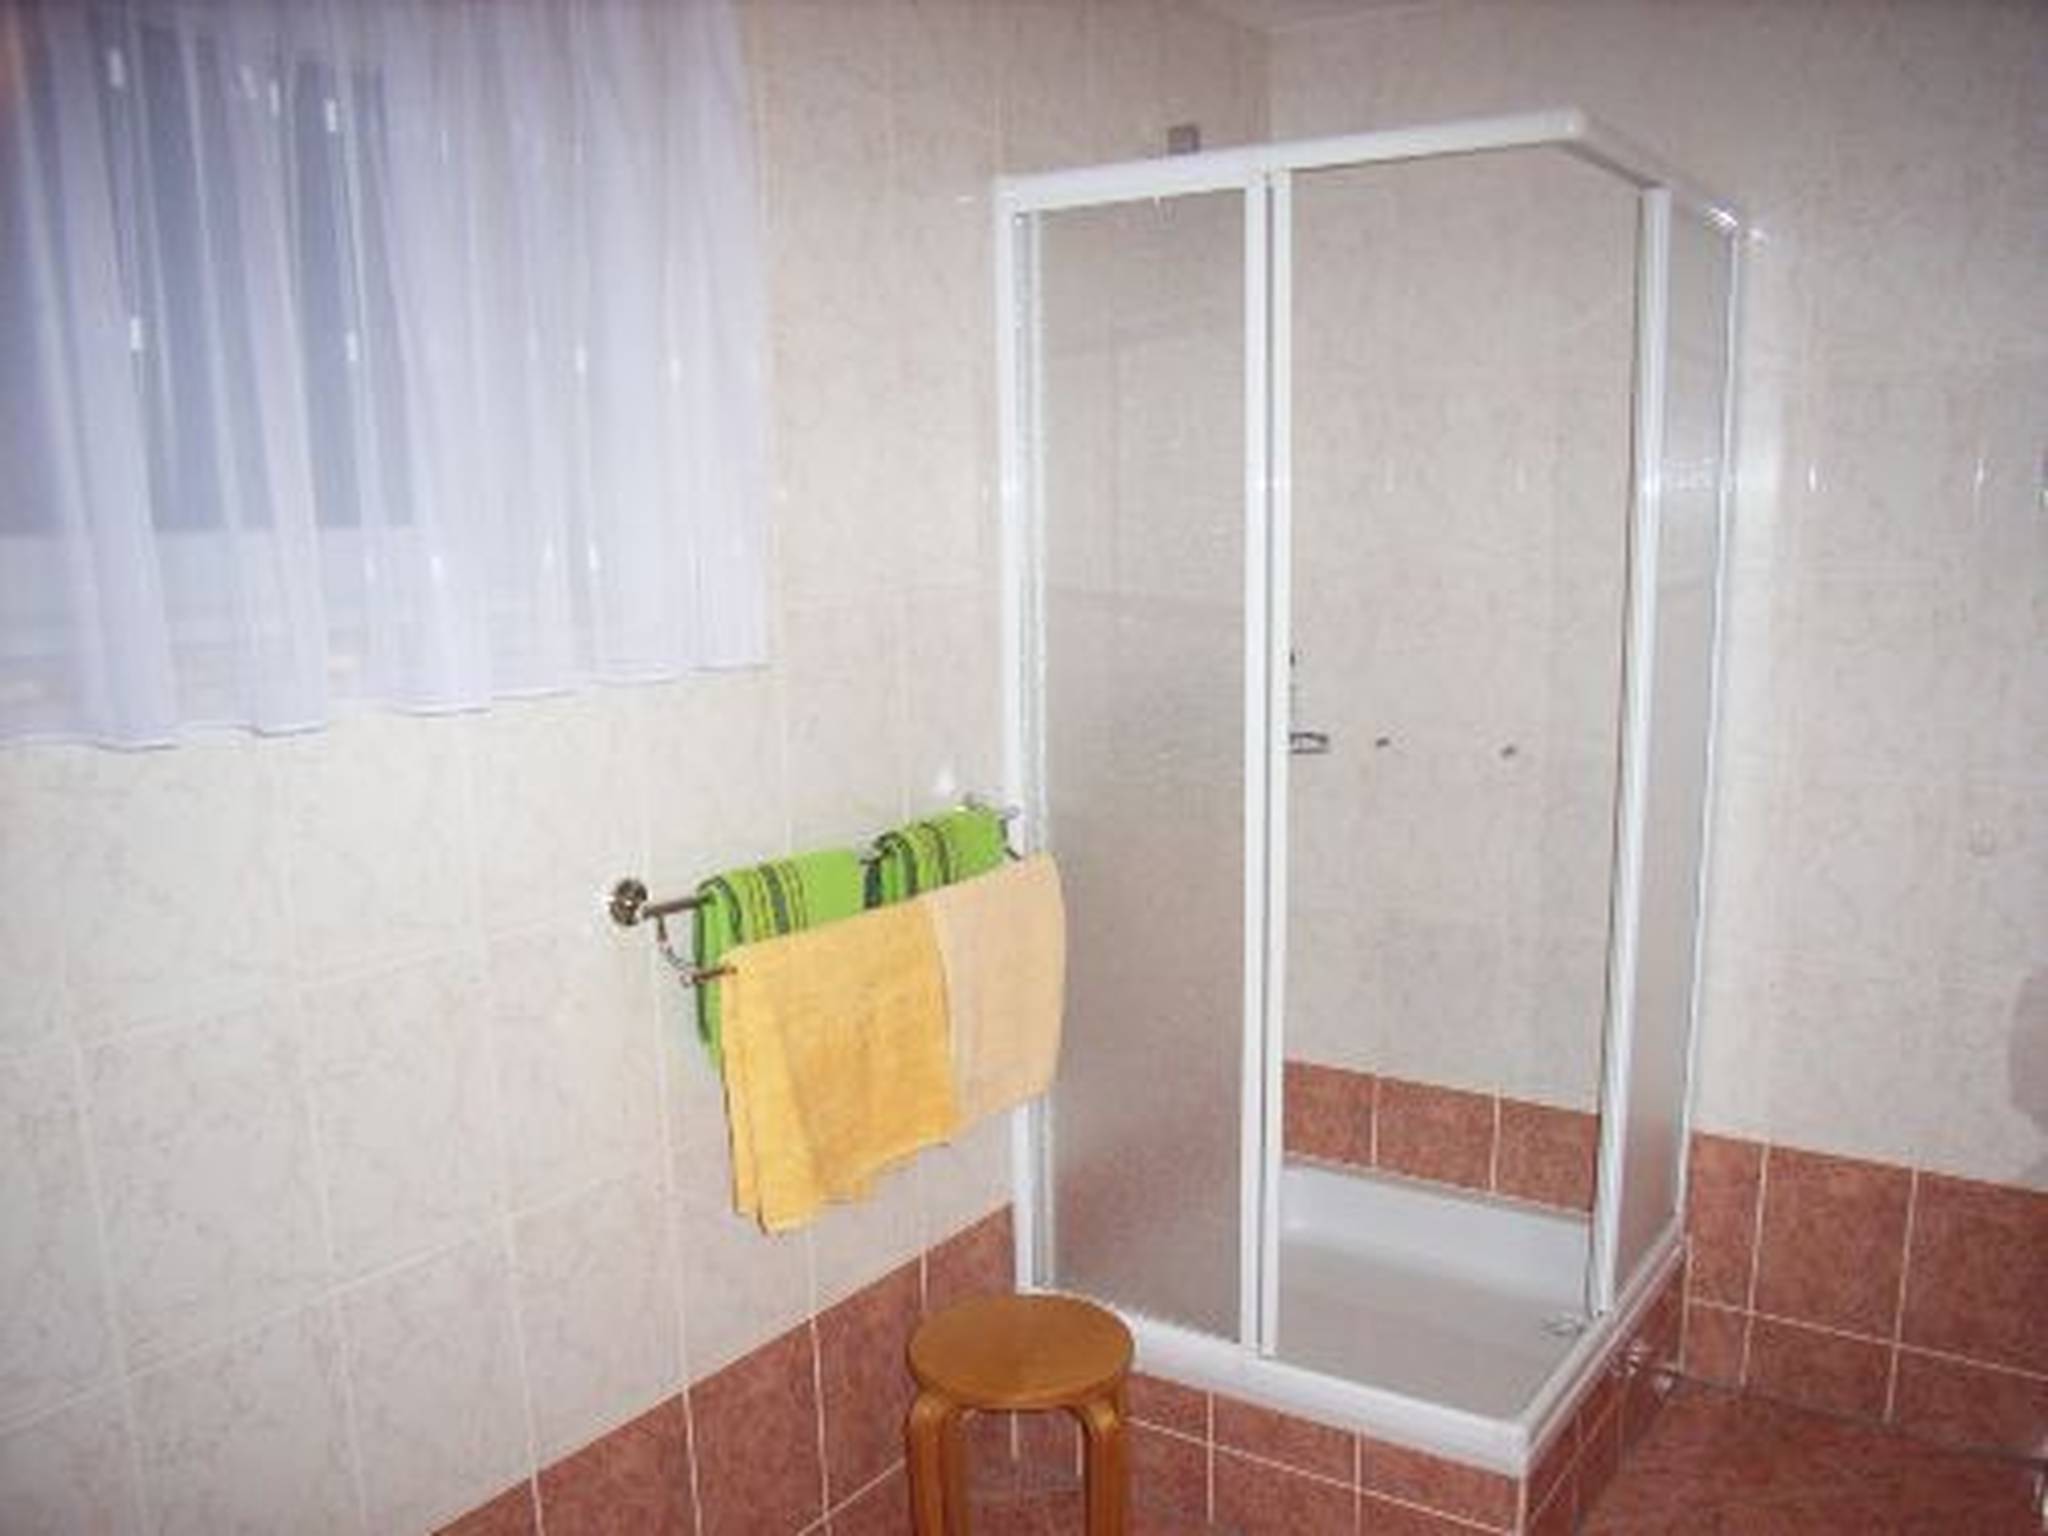 die 90/90 cm Dusche